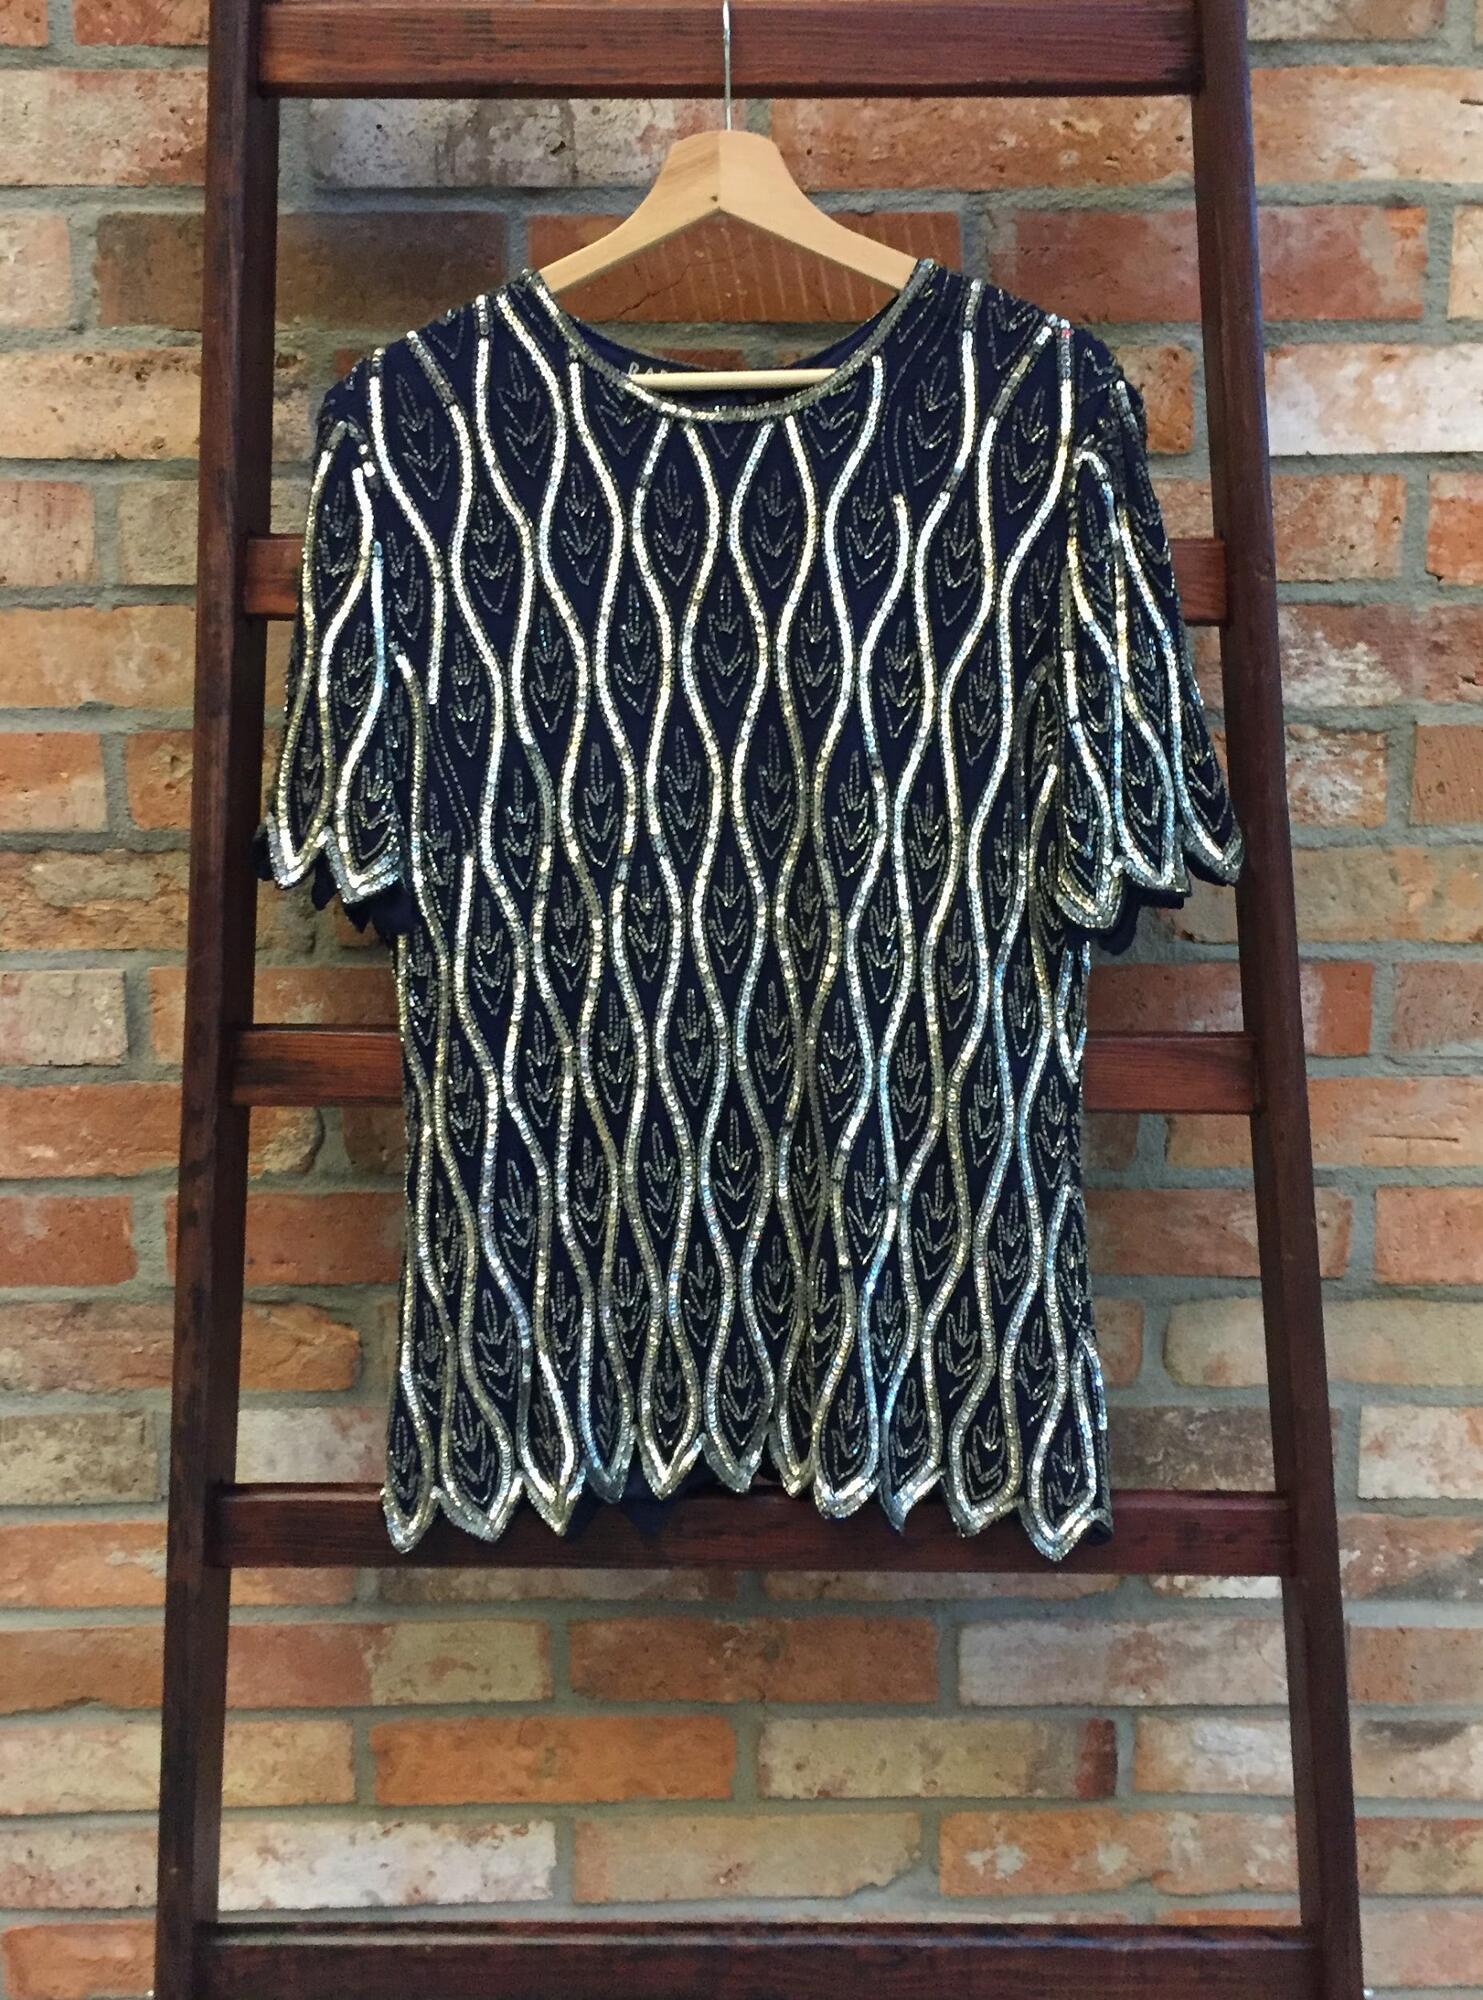 Jedwabna bluzka z koralikami Vintage - Vintage Store | JestemSlow.pl